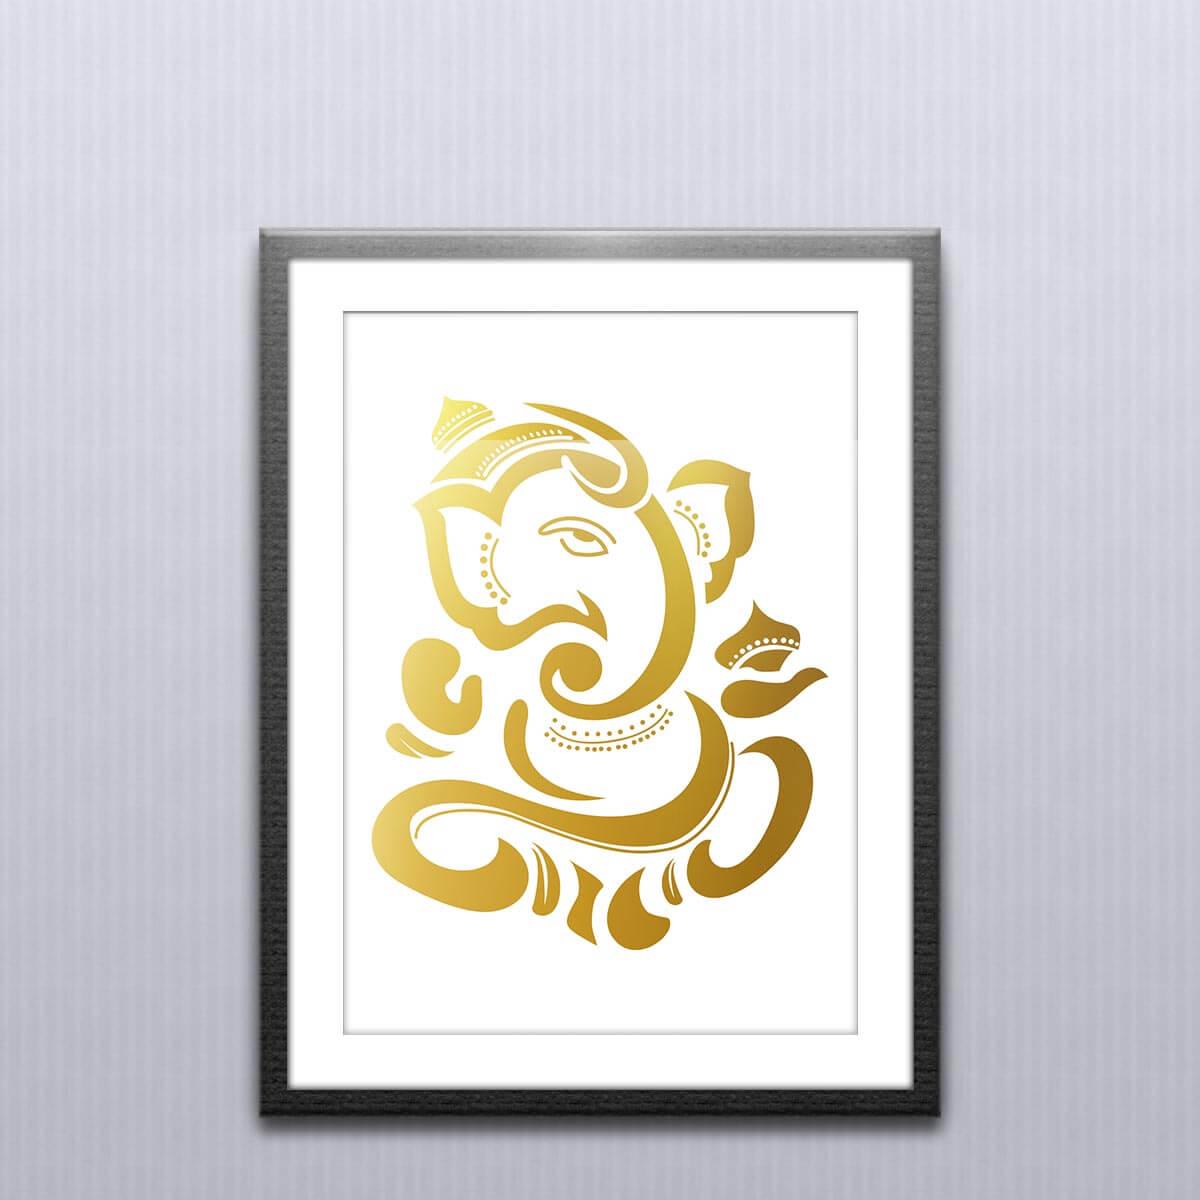 Ganesh Wall Art and Ganesh Posters